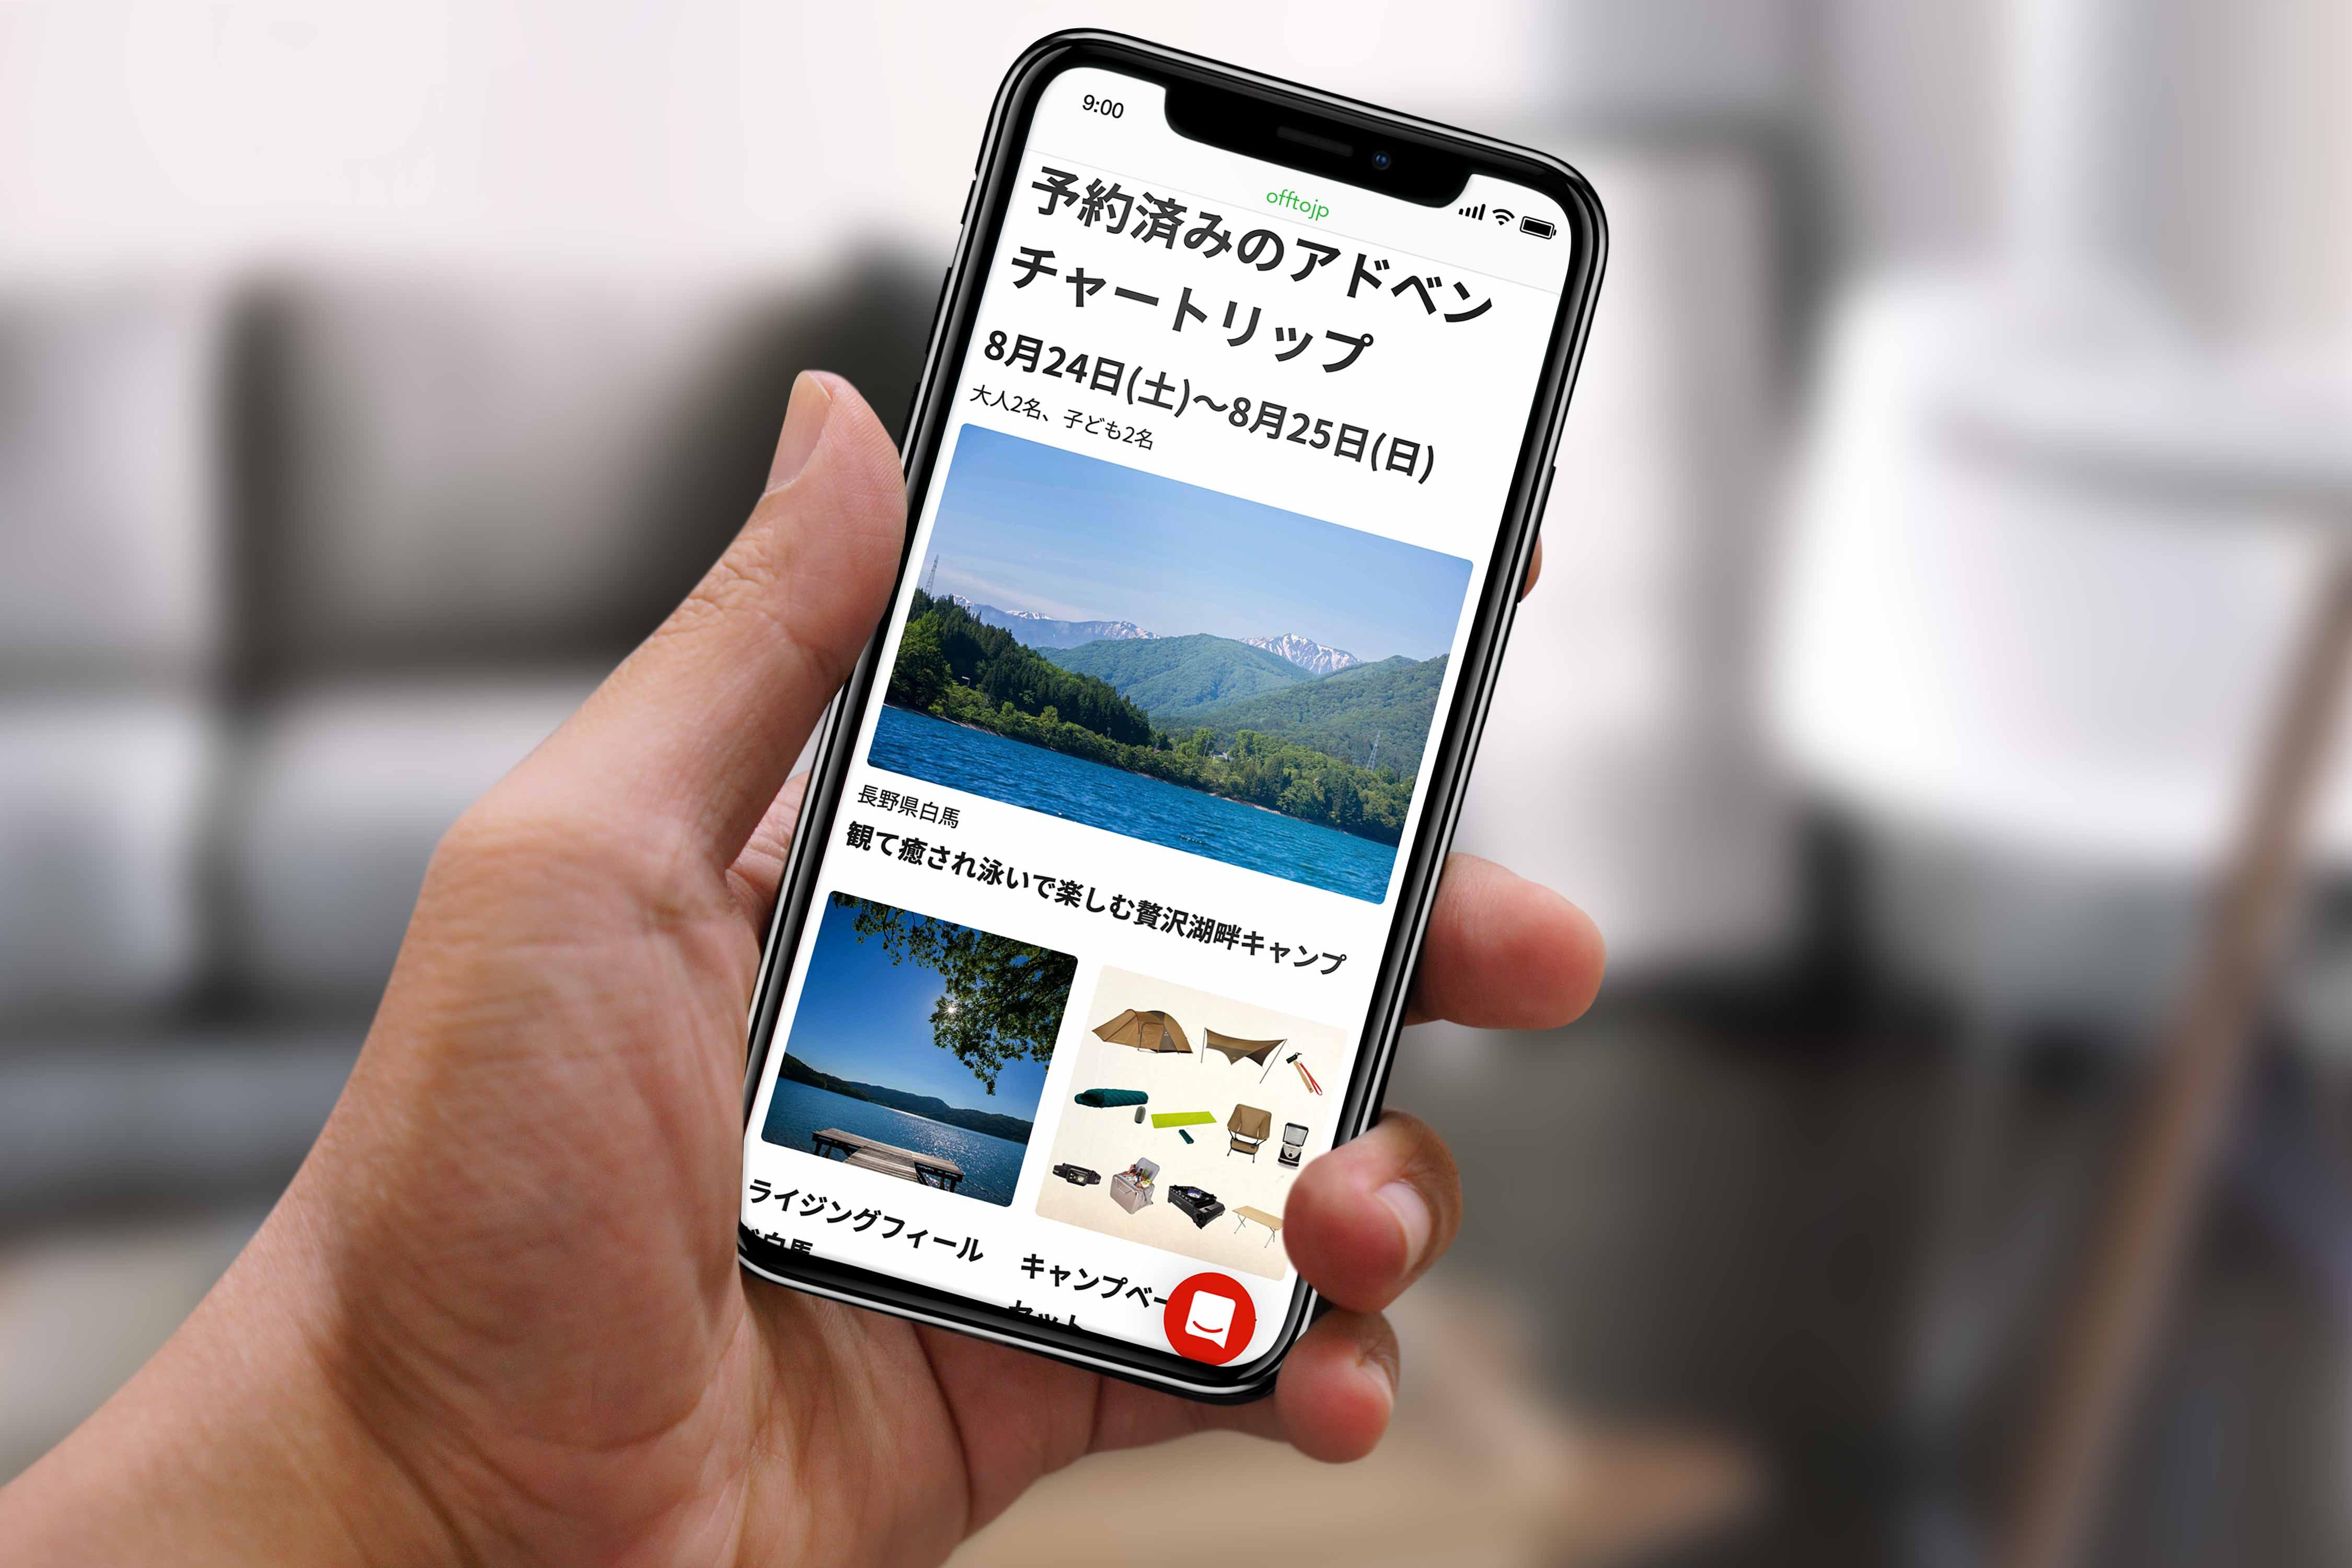 予約情報の画面がうつったiphoneXを持つ手